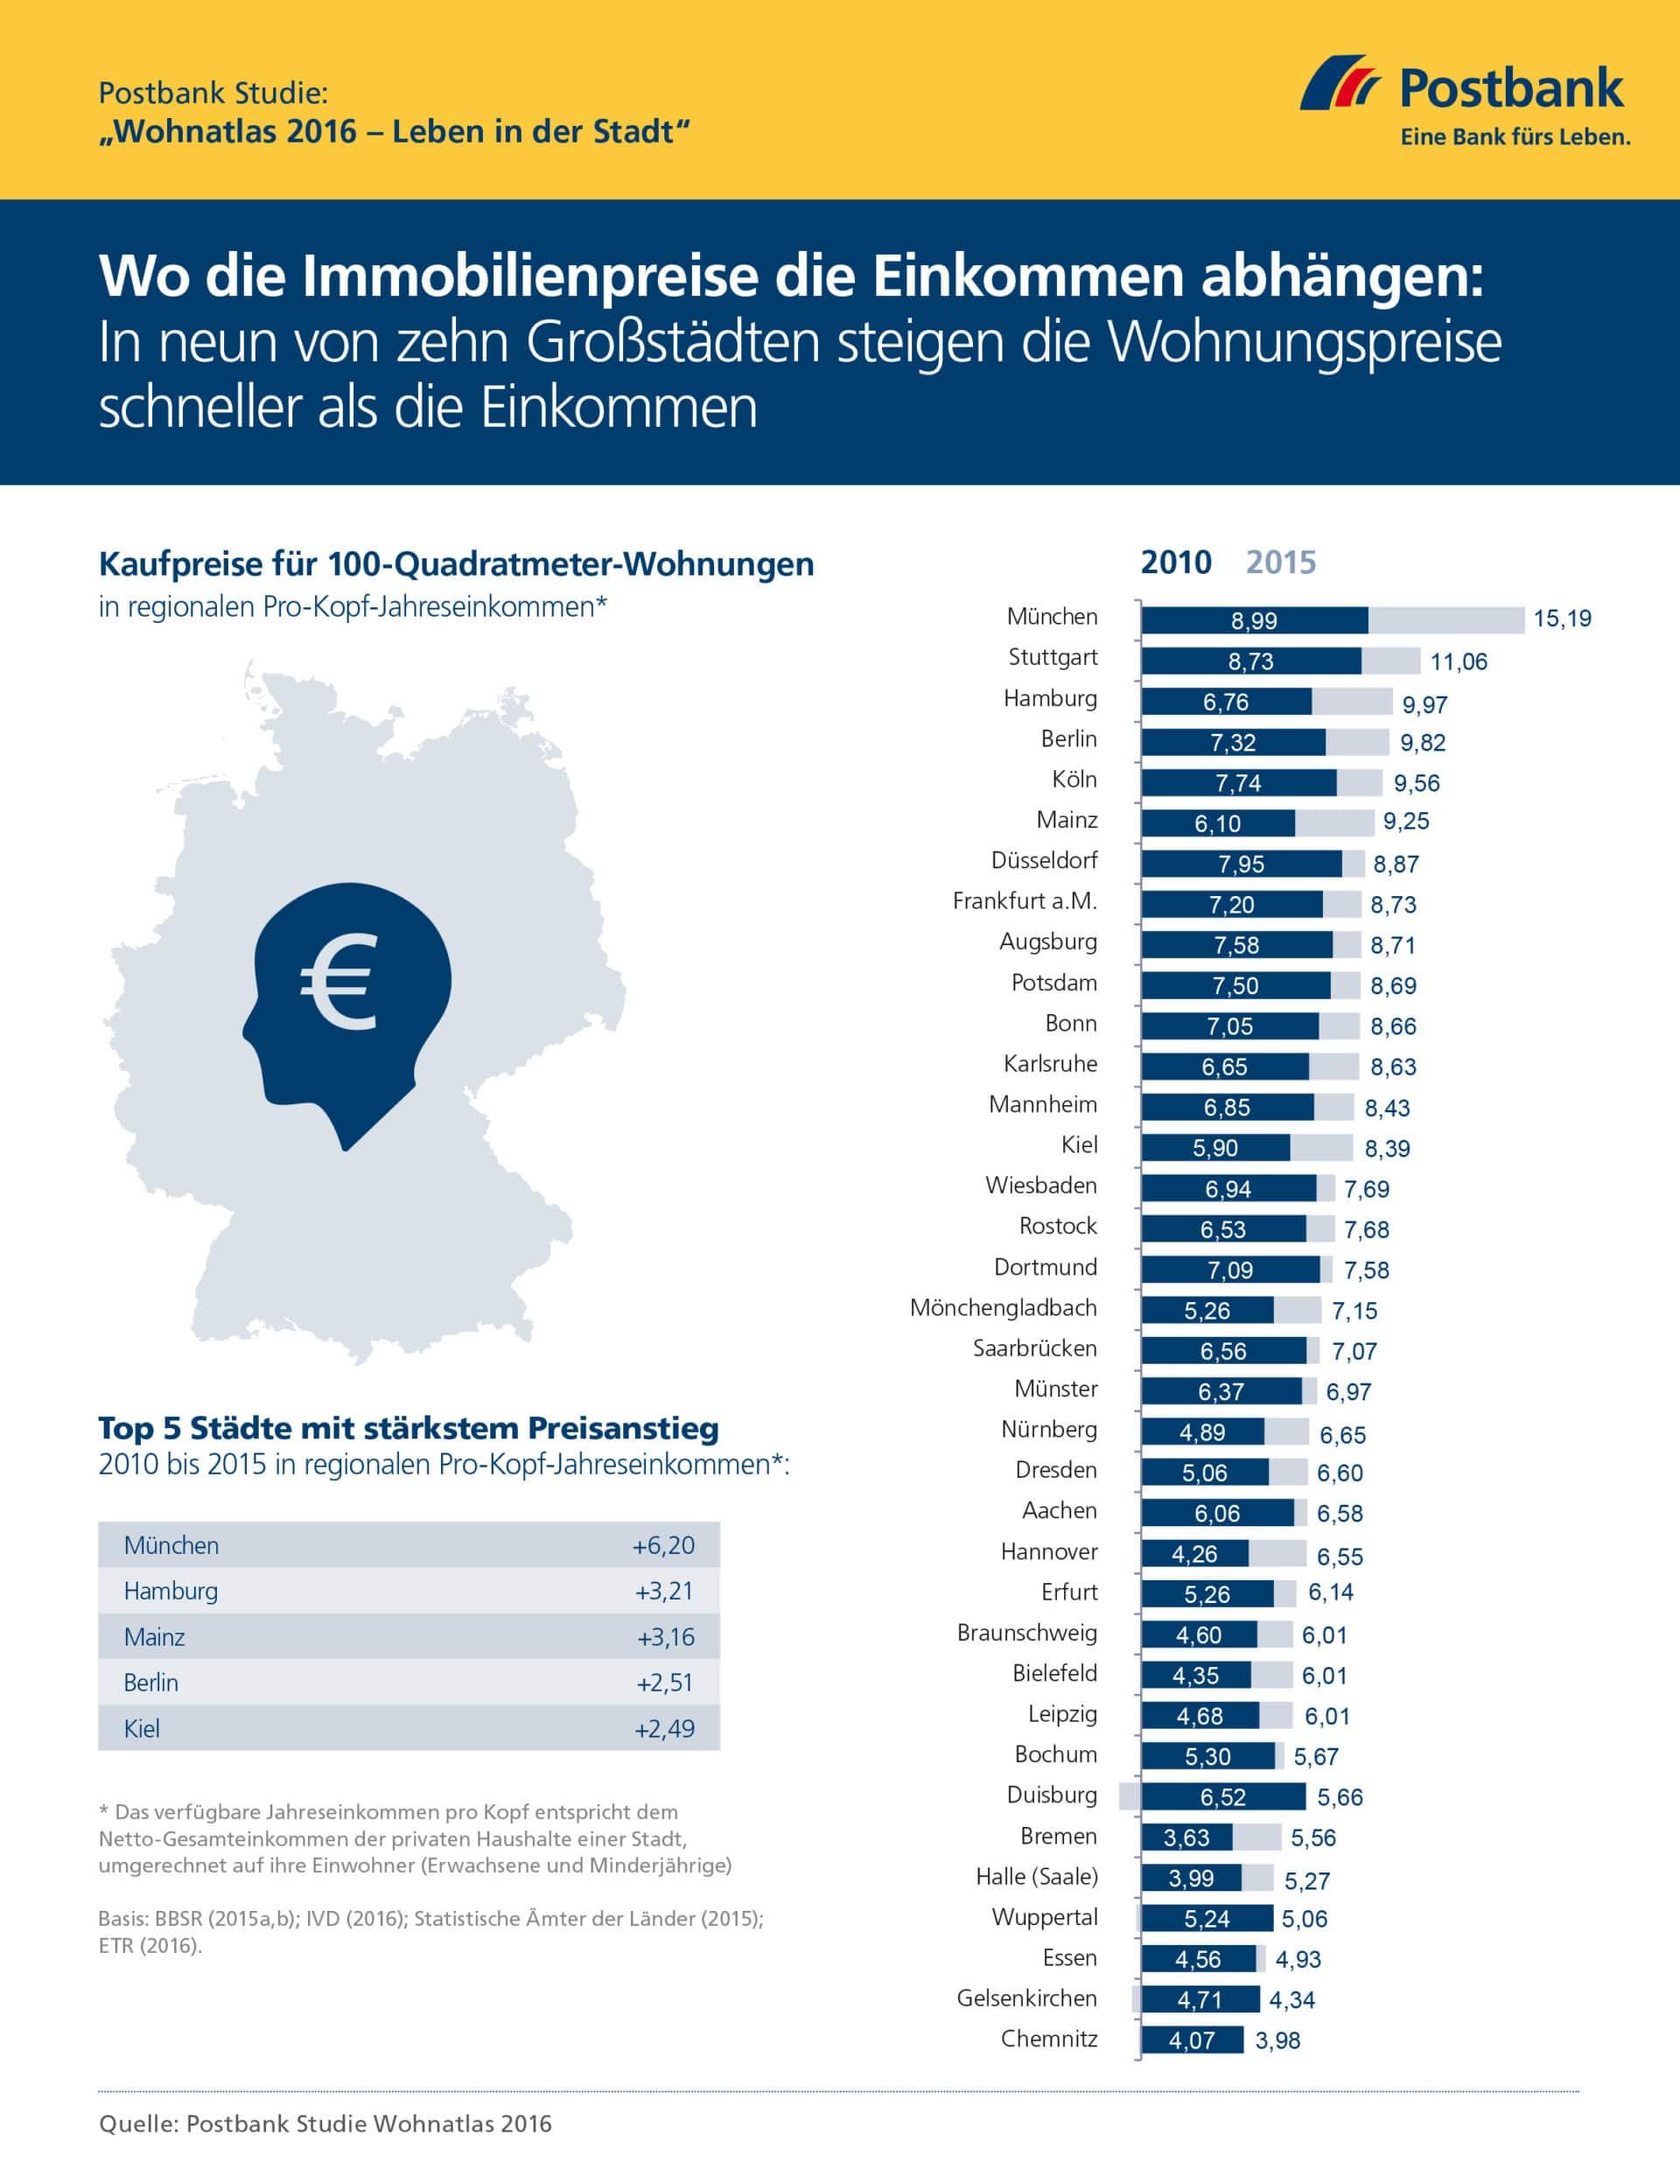 """Postbank Studie """"Wohnatlas 2016"""": Wo die Immobilienpreise die Einkommen abhängen - In neun von zehn Großstädten steigen die Wohnungspreise schneller als die Einkommen. copyright: obs / Deutsche Postbank AG / Postbank"""